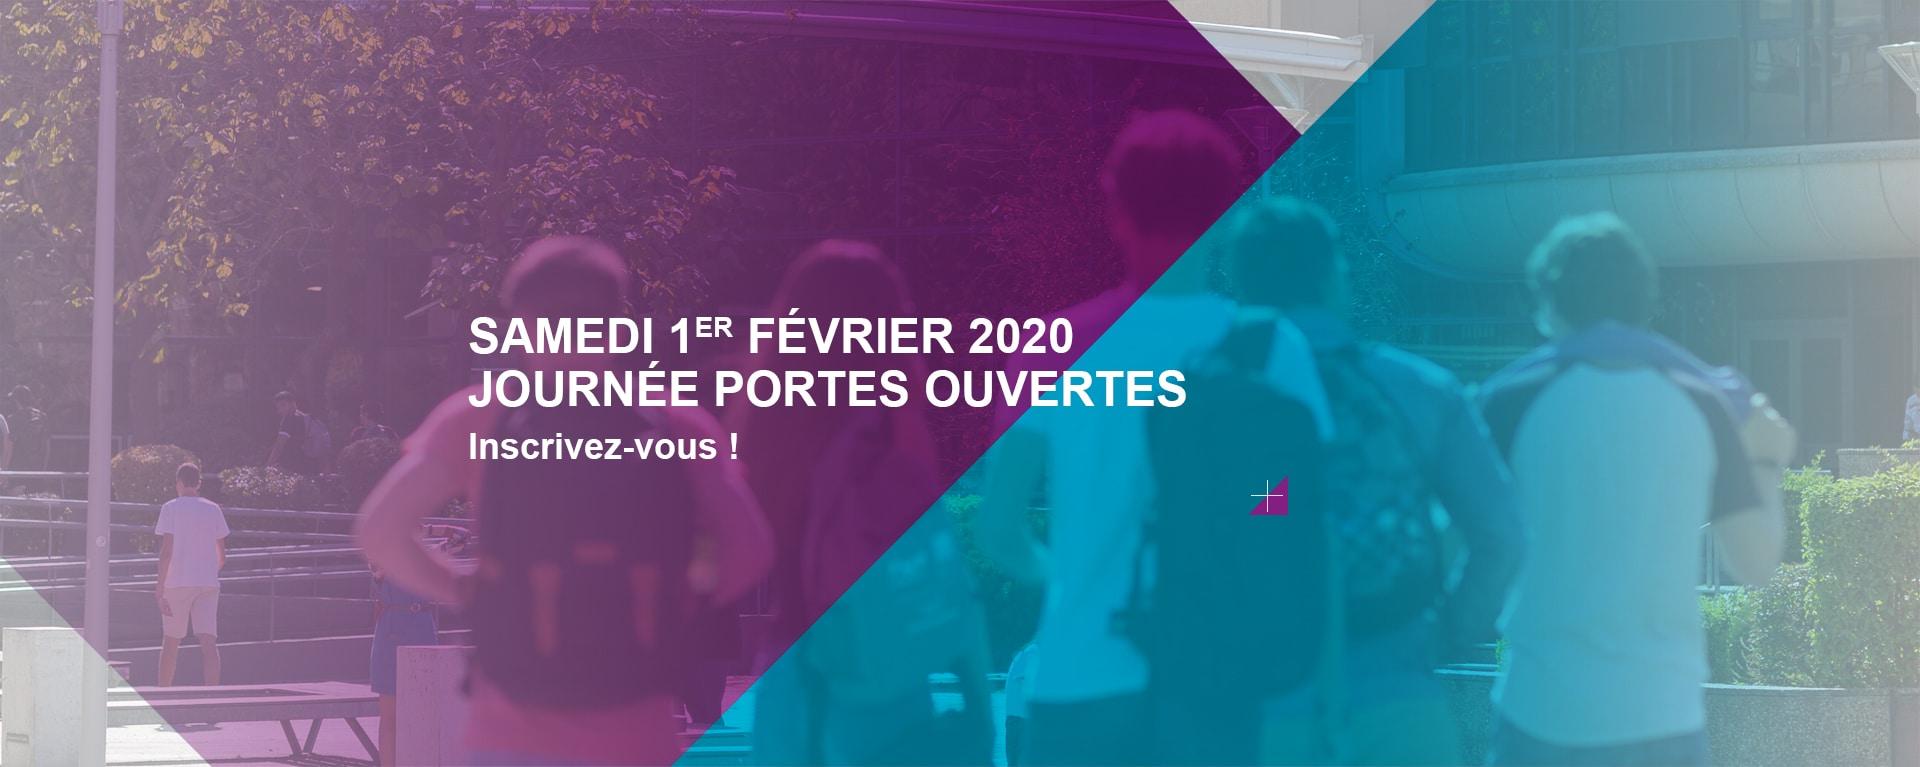 Journée Portes Ouvertes 2020